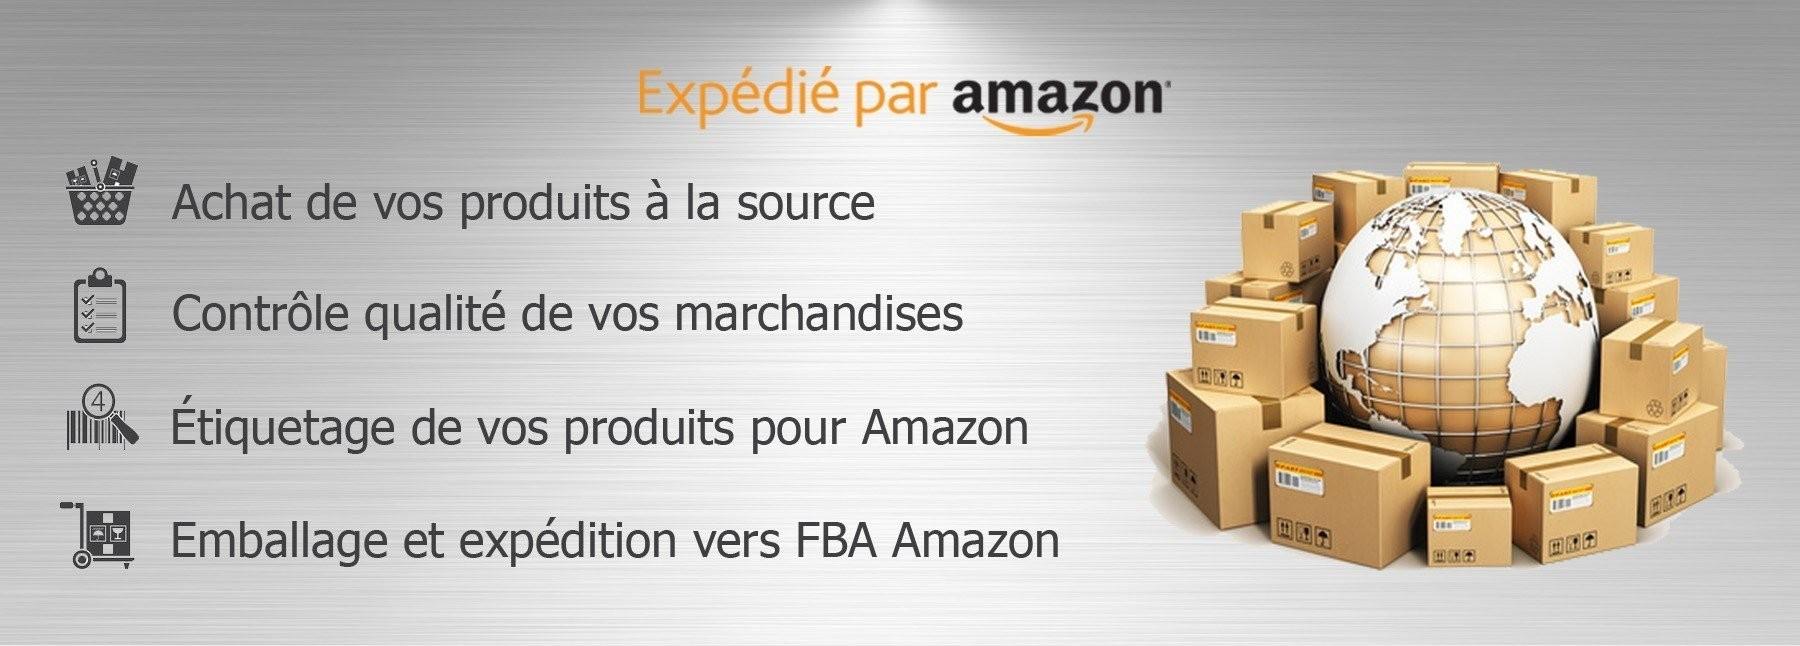 Expédiez vos stock Amazon FBA directement depuis la Chine